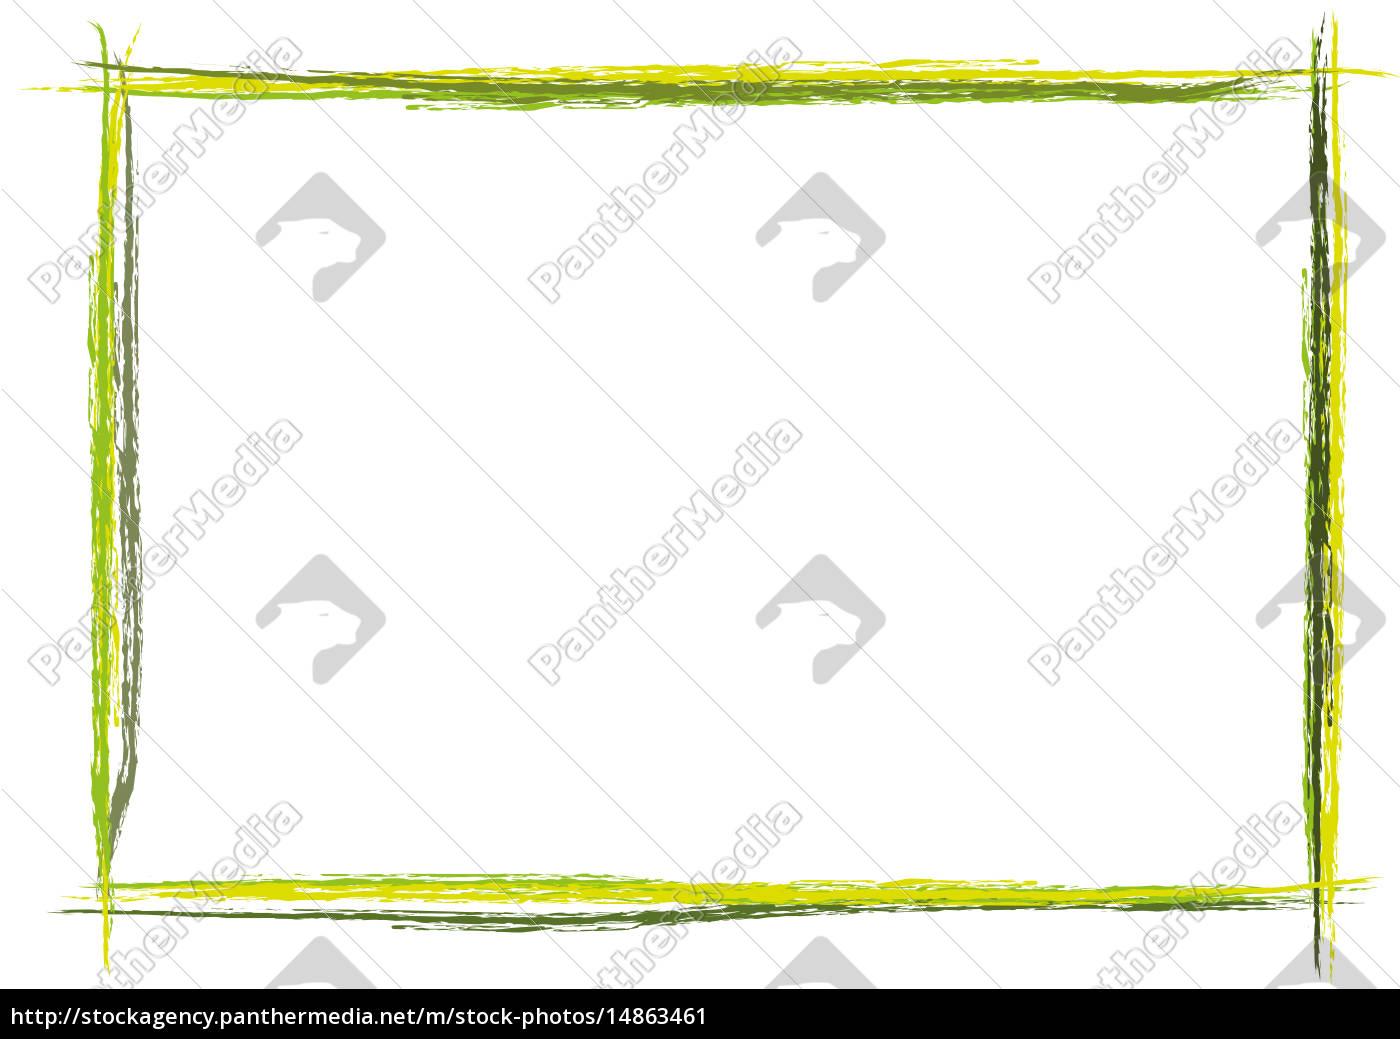 bunter Rahmen quer Strich gemalt - Stockfoto - #14863461 ...